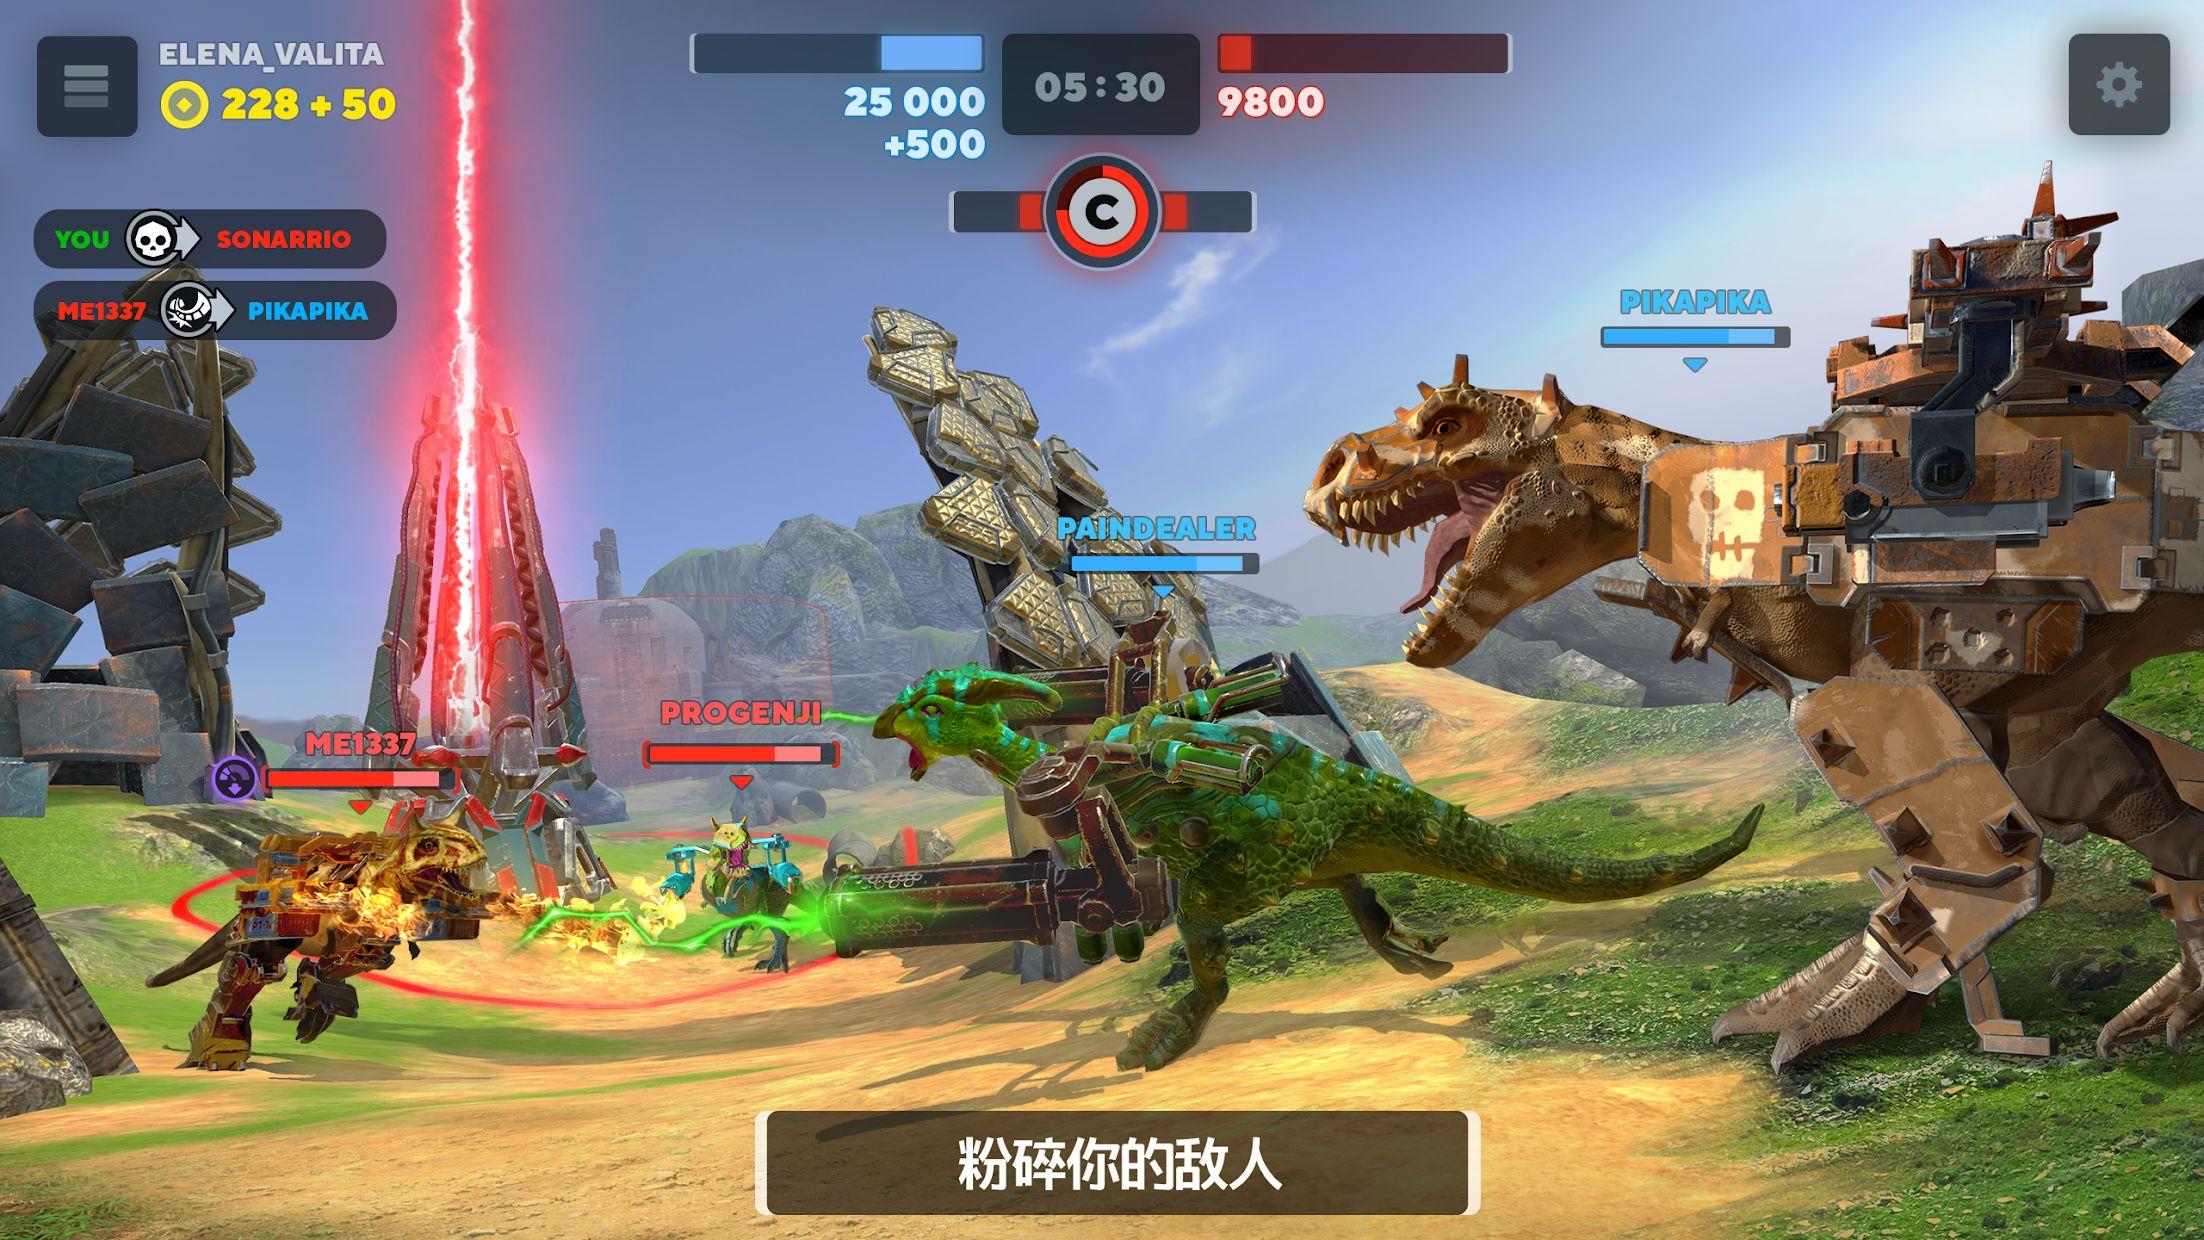 Dino Squad:拥有巨大恐龙的第三人称恐龙射击游戏 游戏截图2